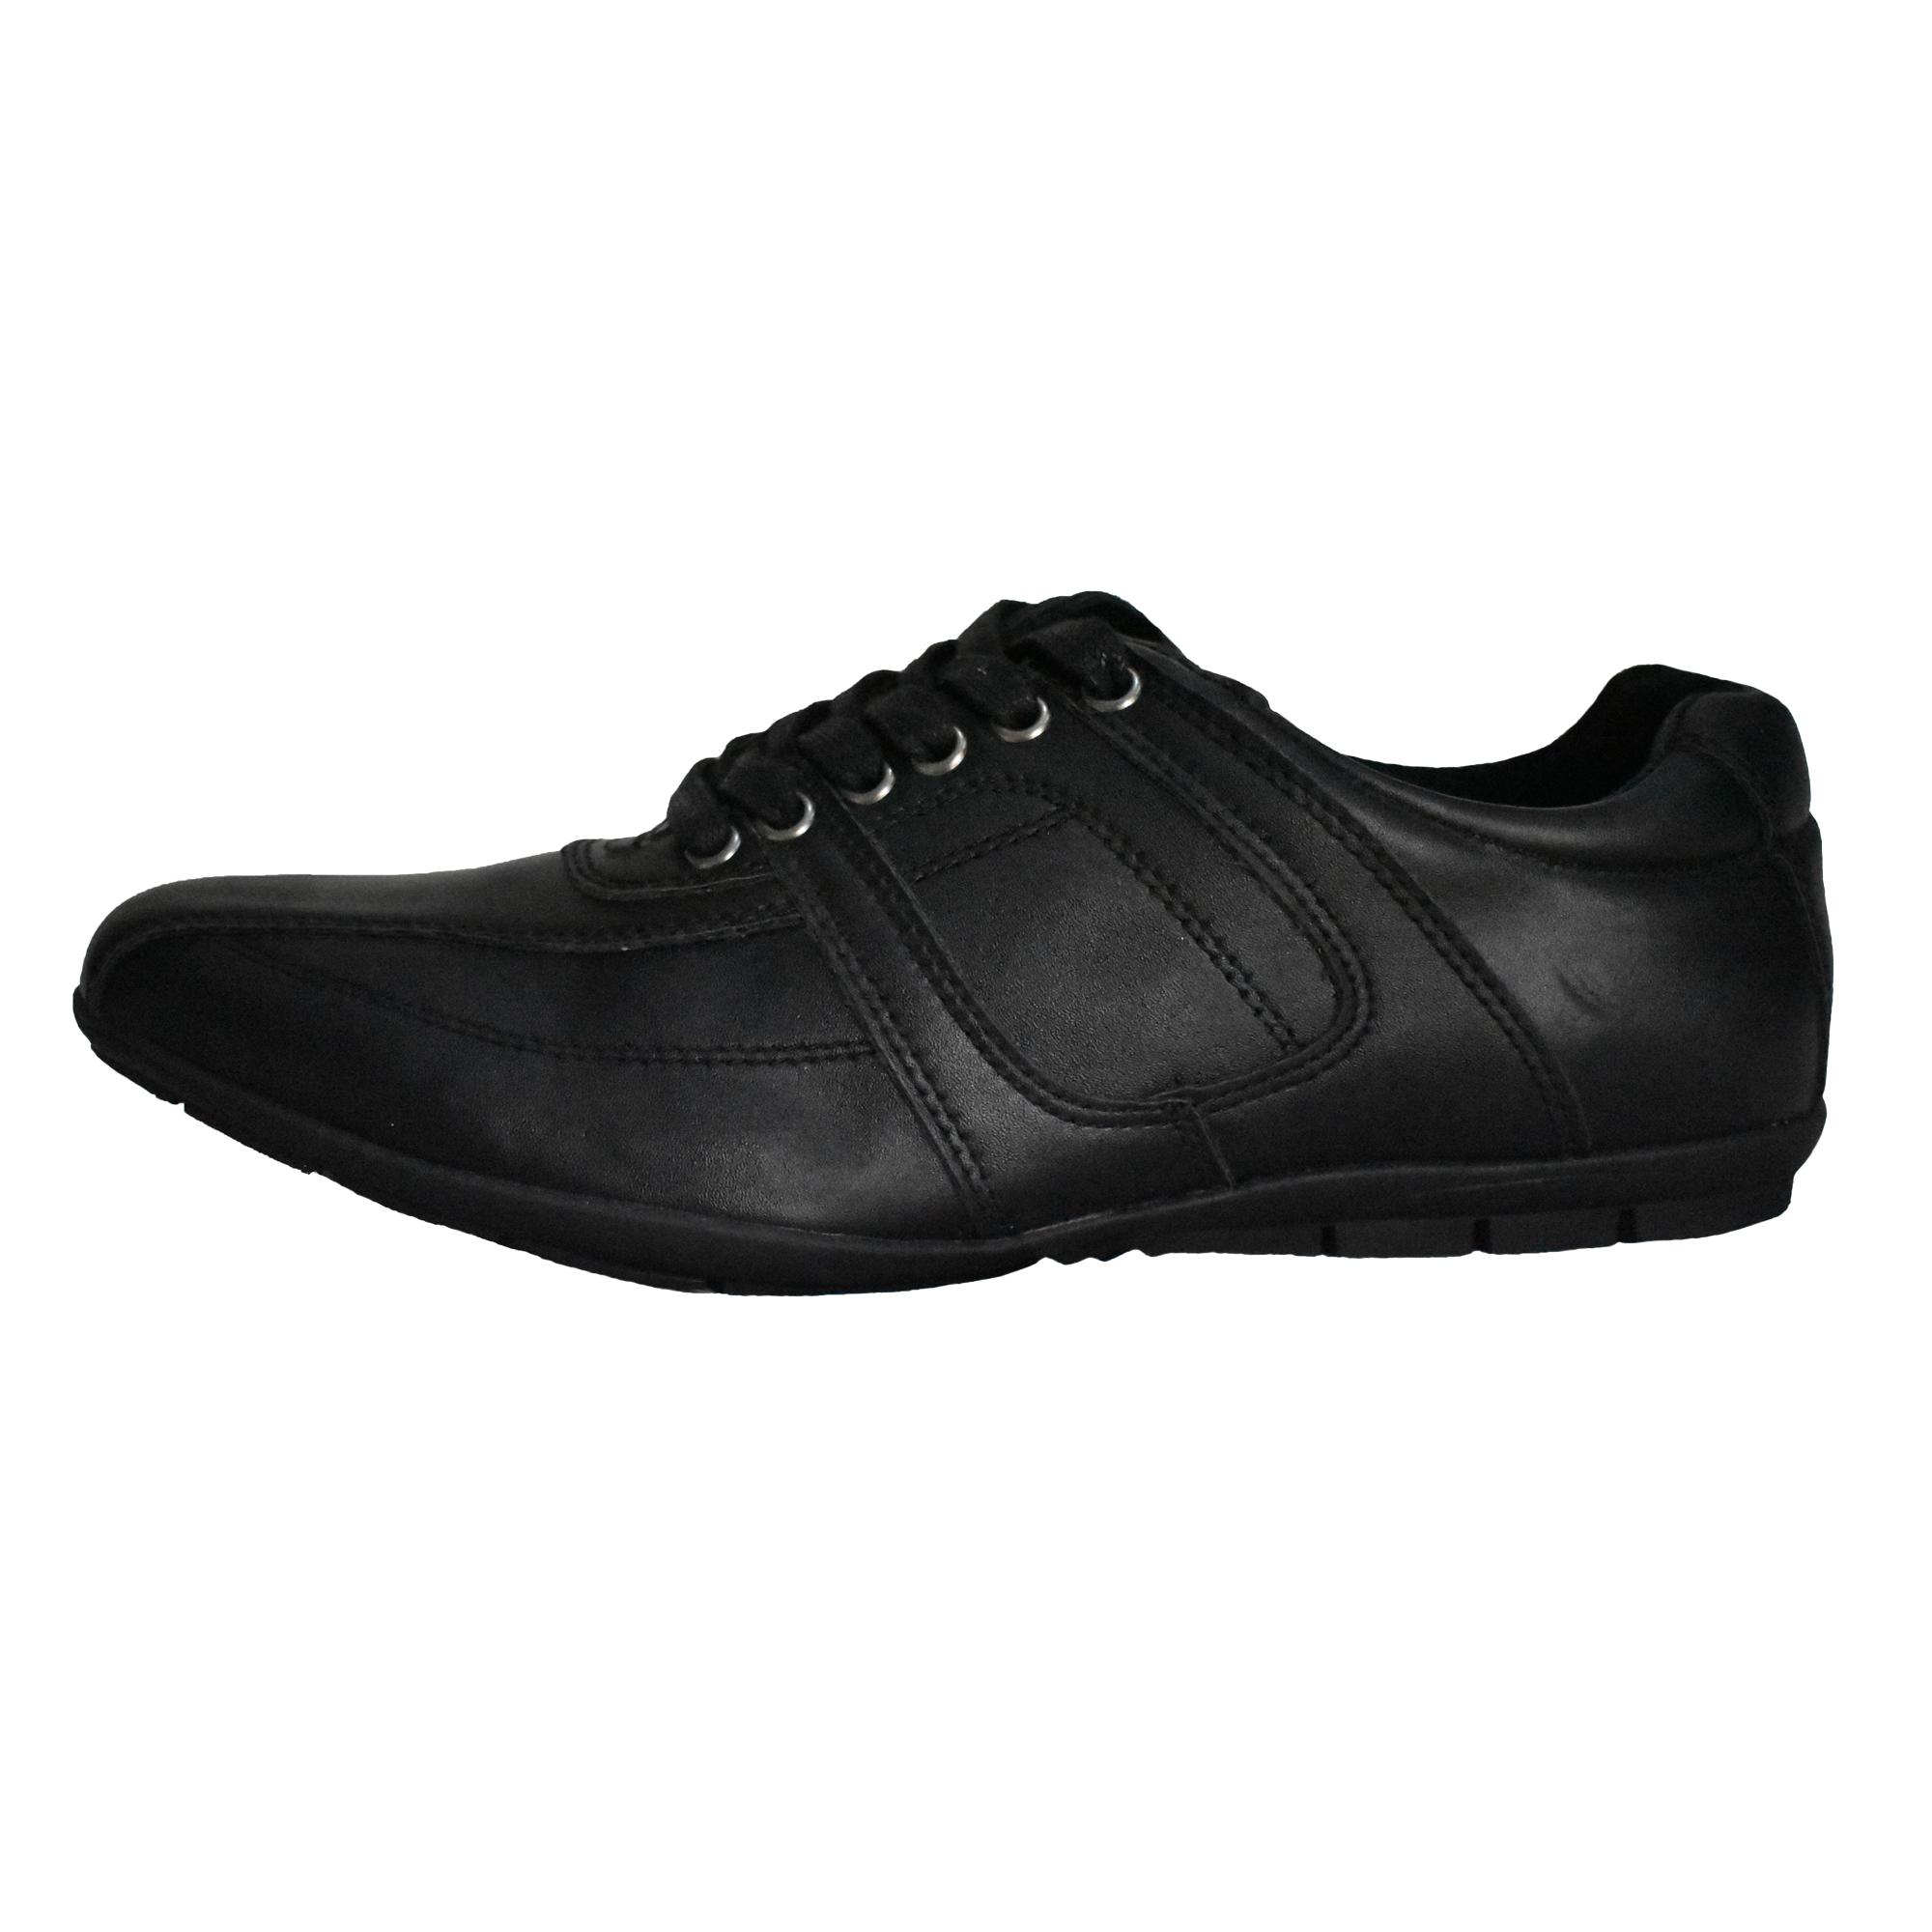 کفش روزمره مردانه لیورجی مدل liv0077